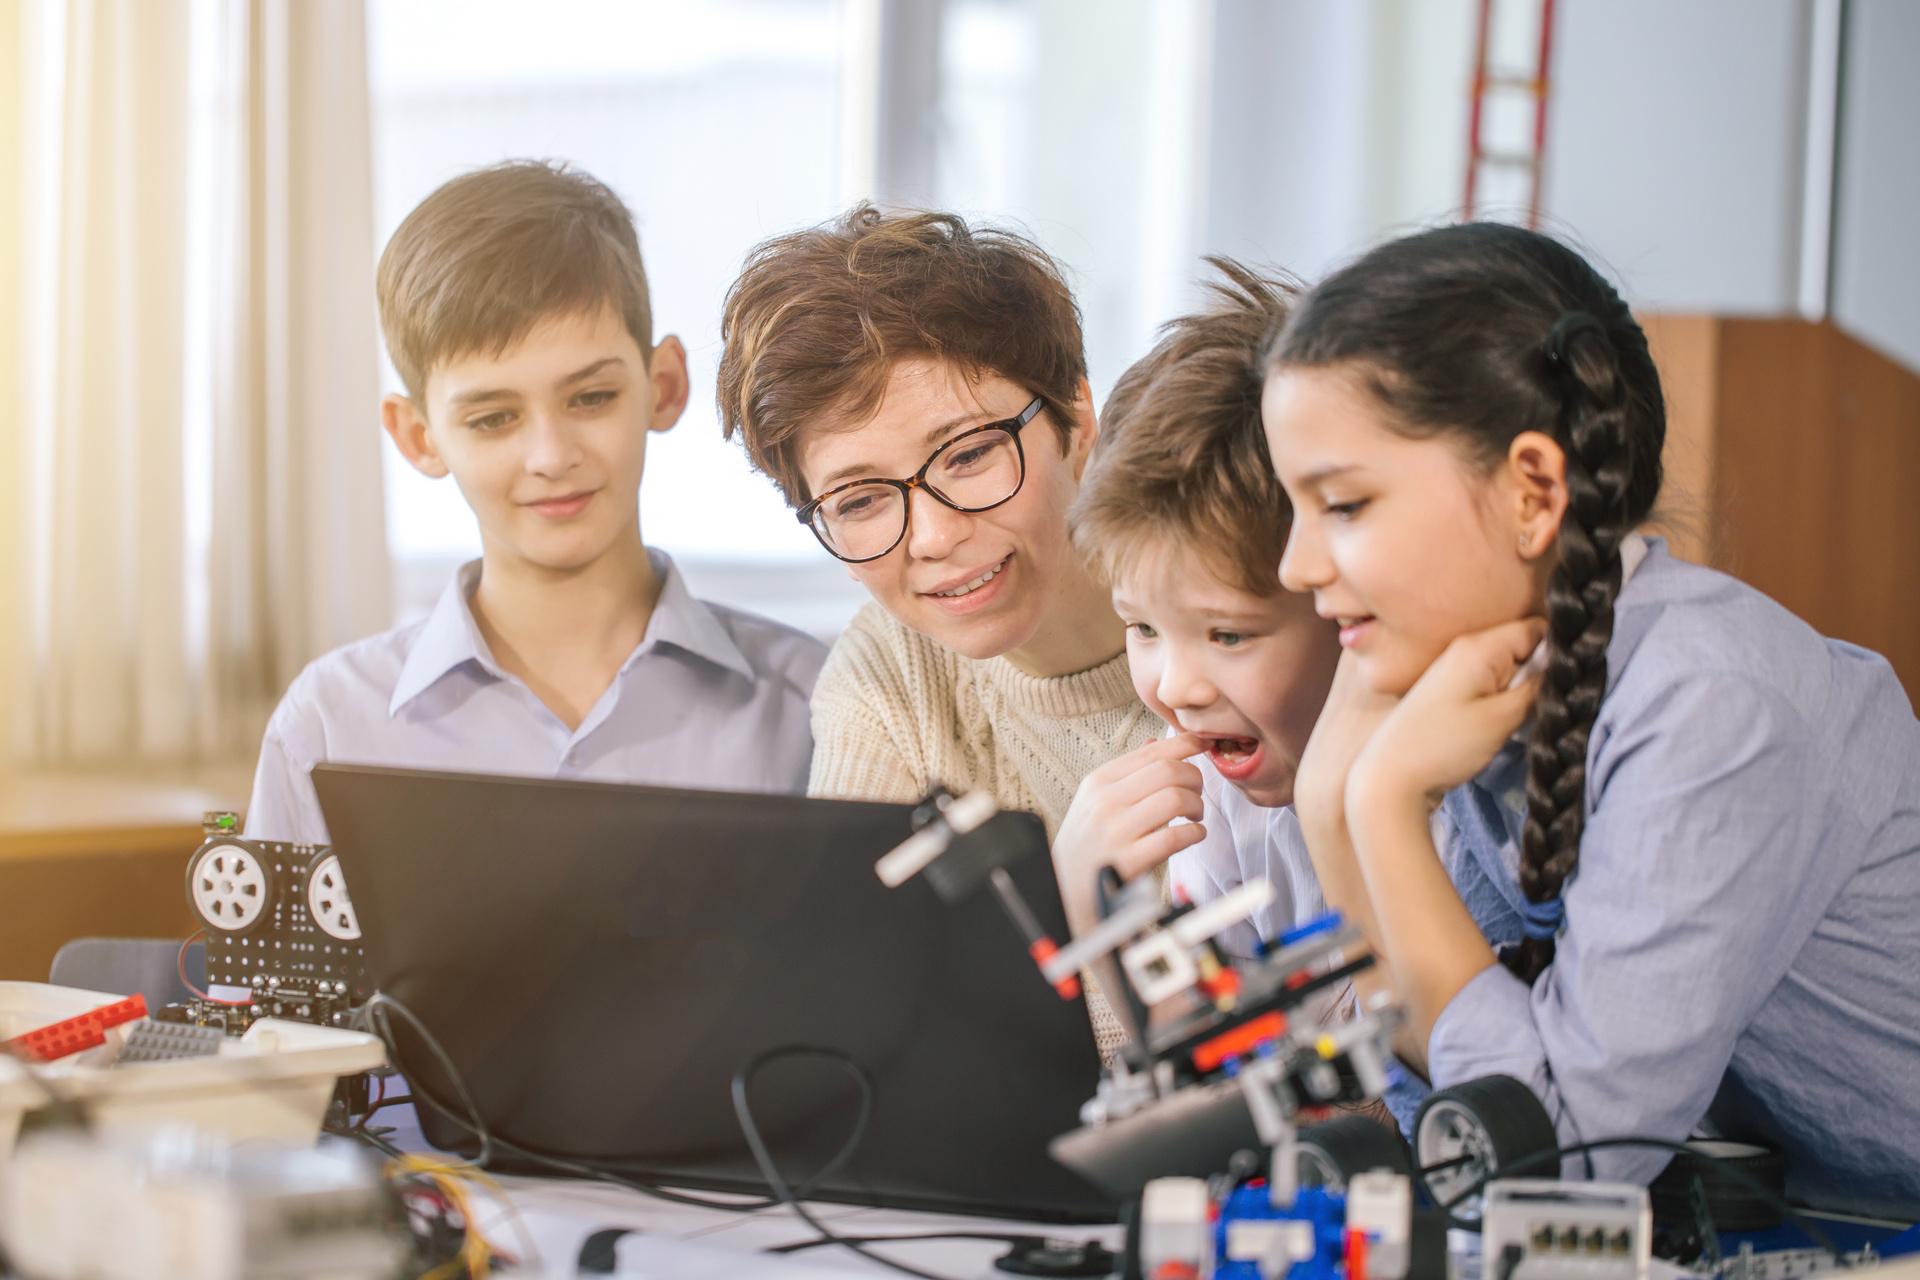 Digitalkompetenz für Kinder und Jugendliche Tipps und Tools